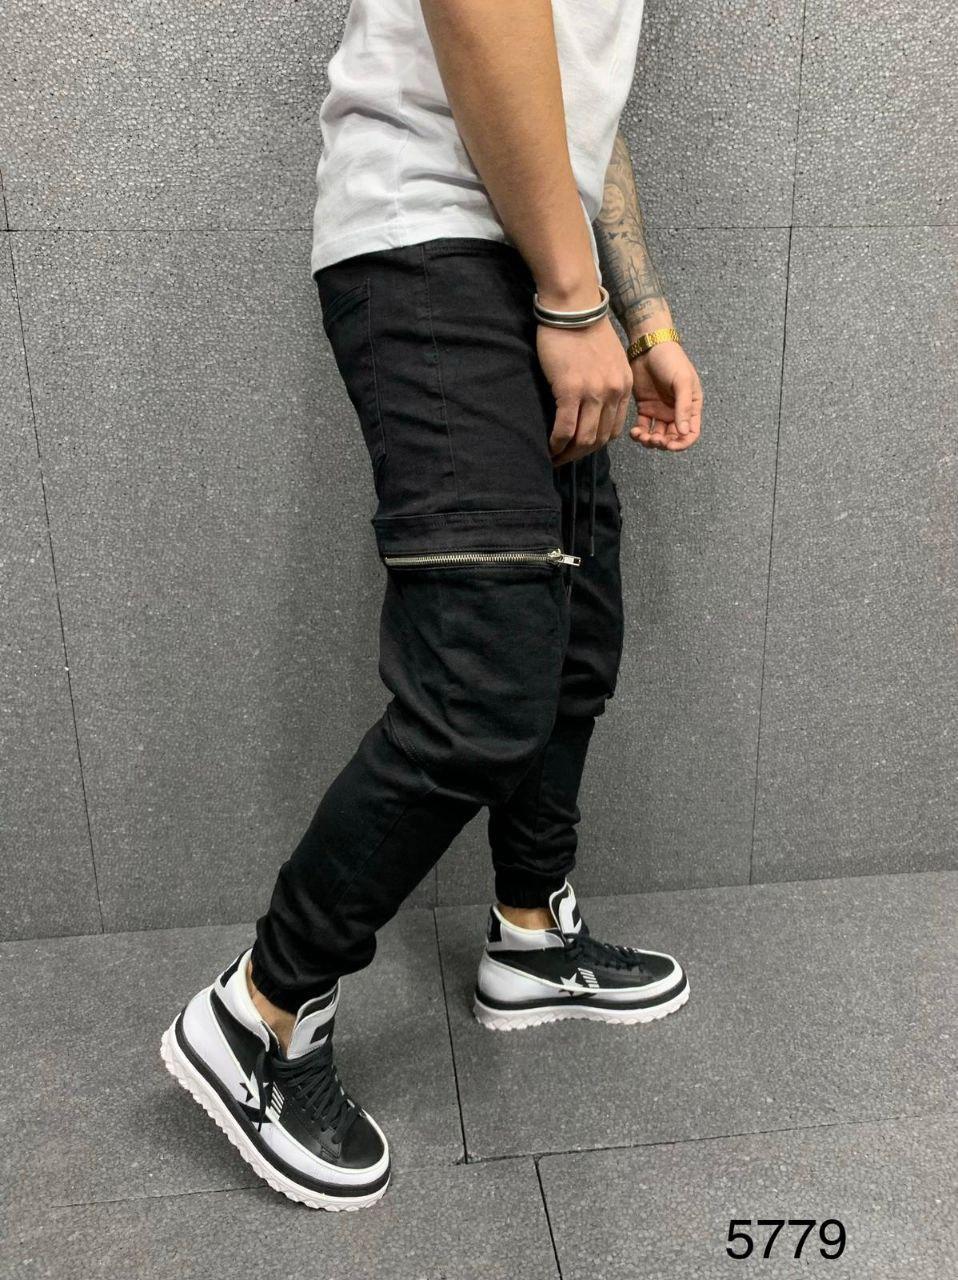 Джинсы - мужские черные джинсы с карманами карго